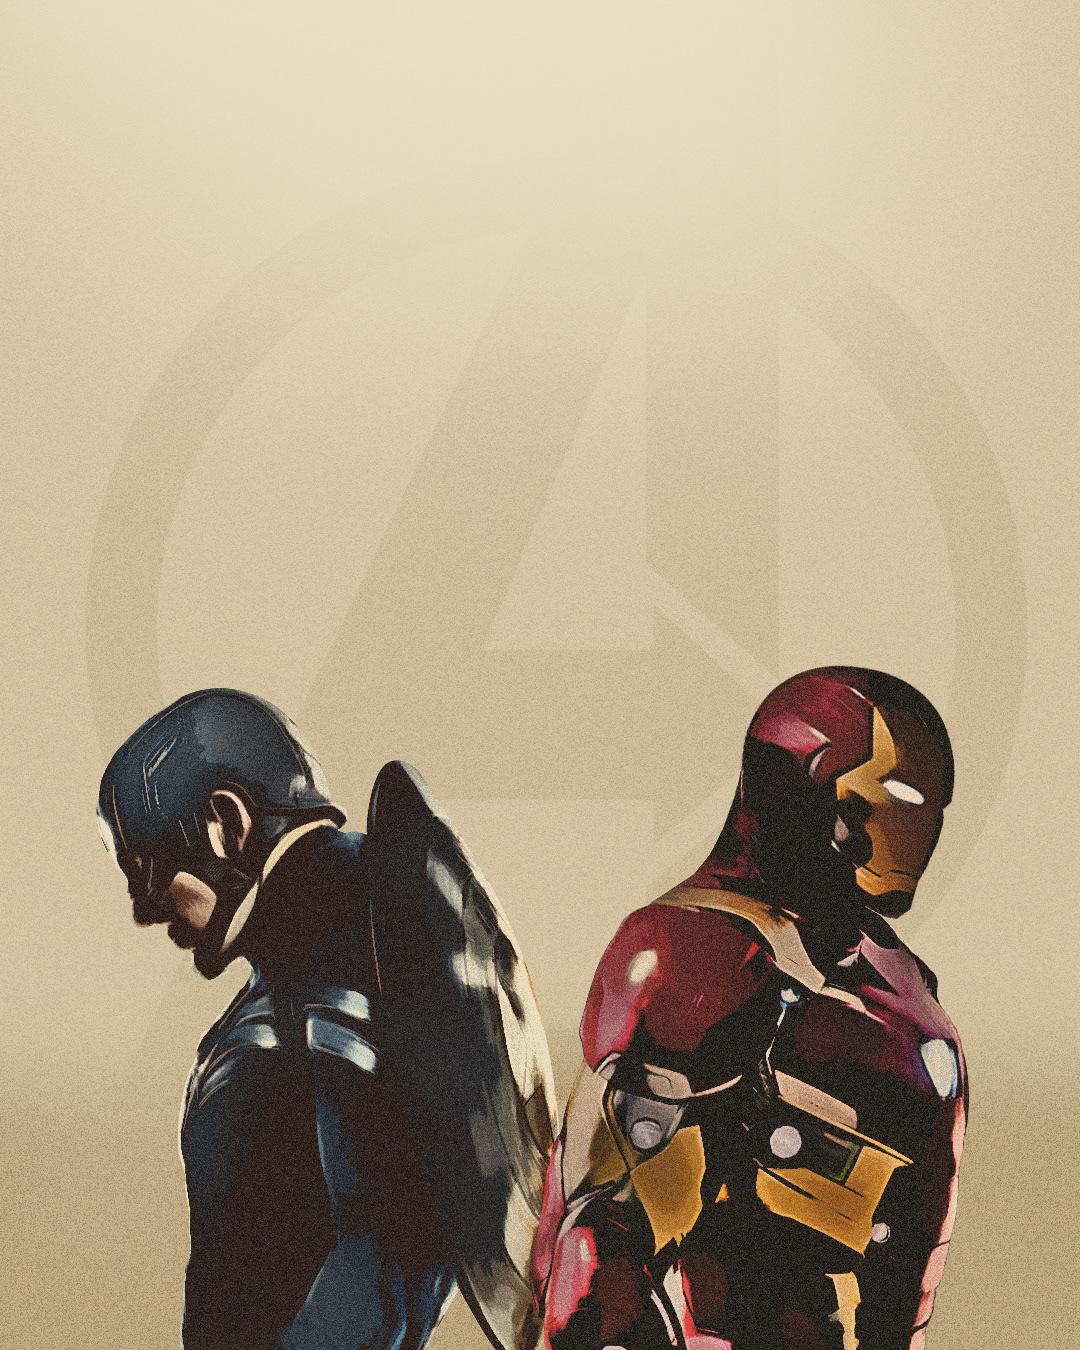 Avengers Endgame Wallpaper On Behance